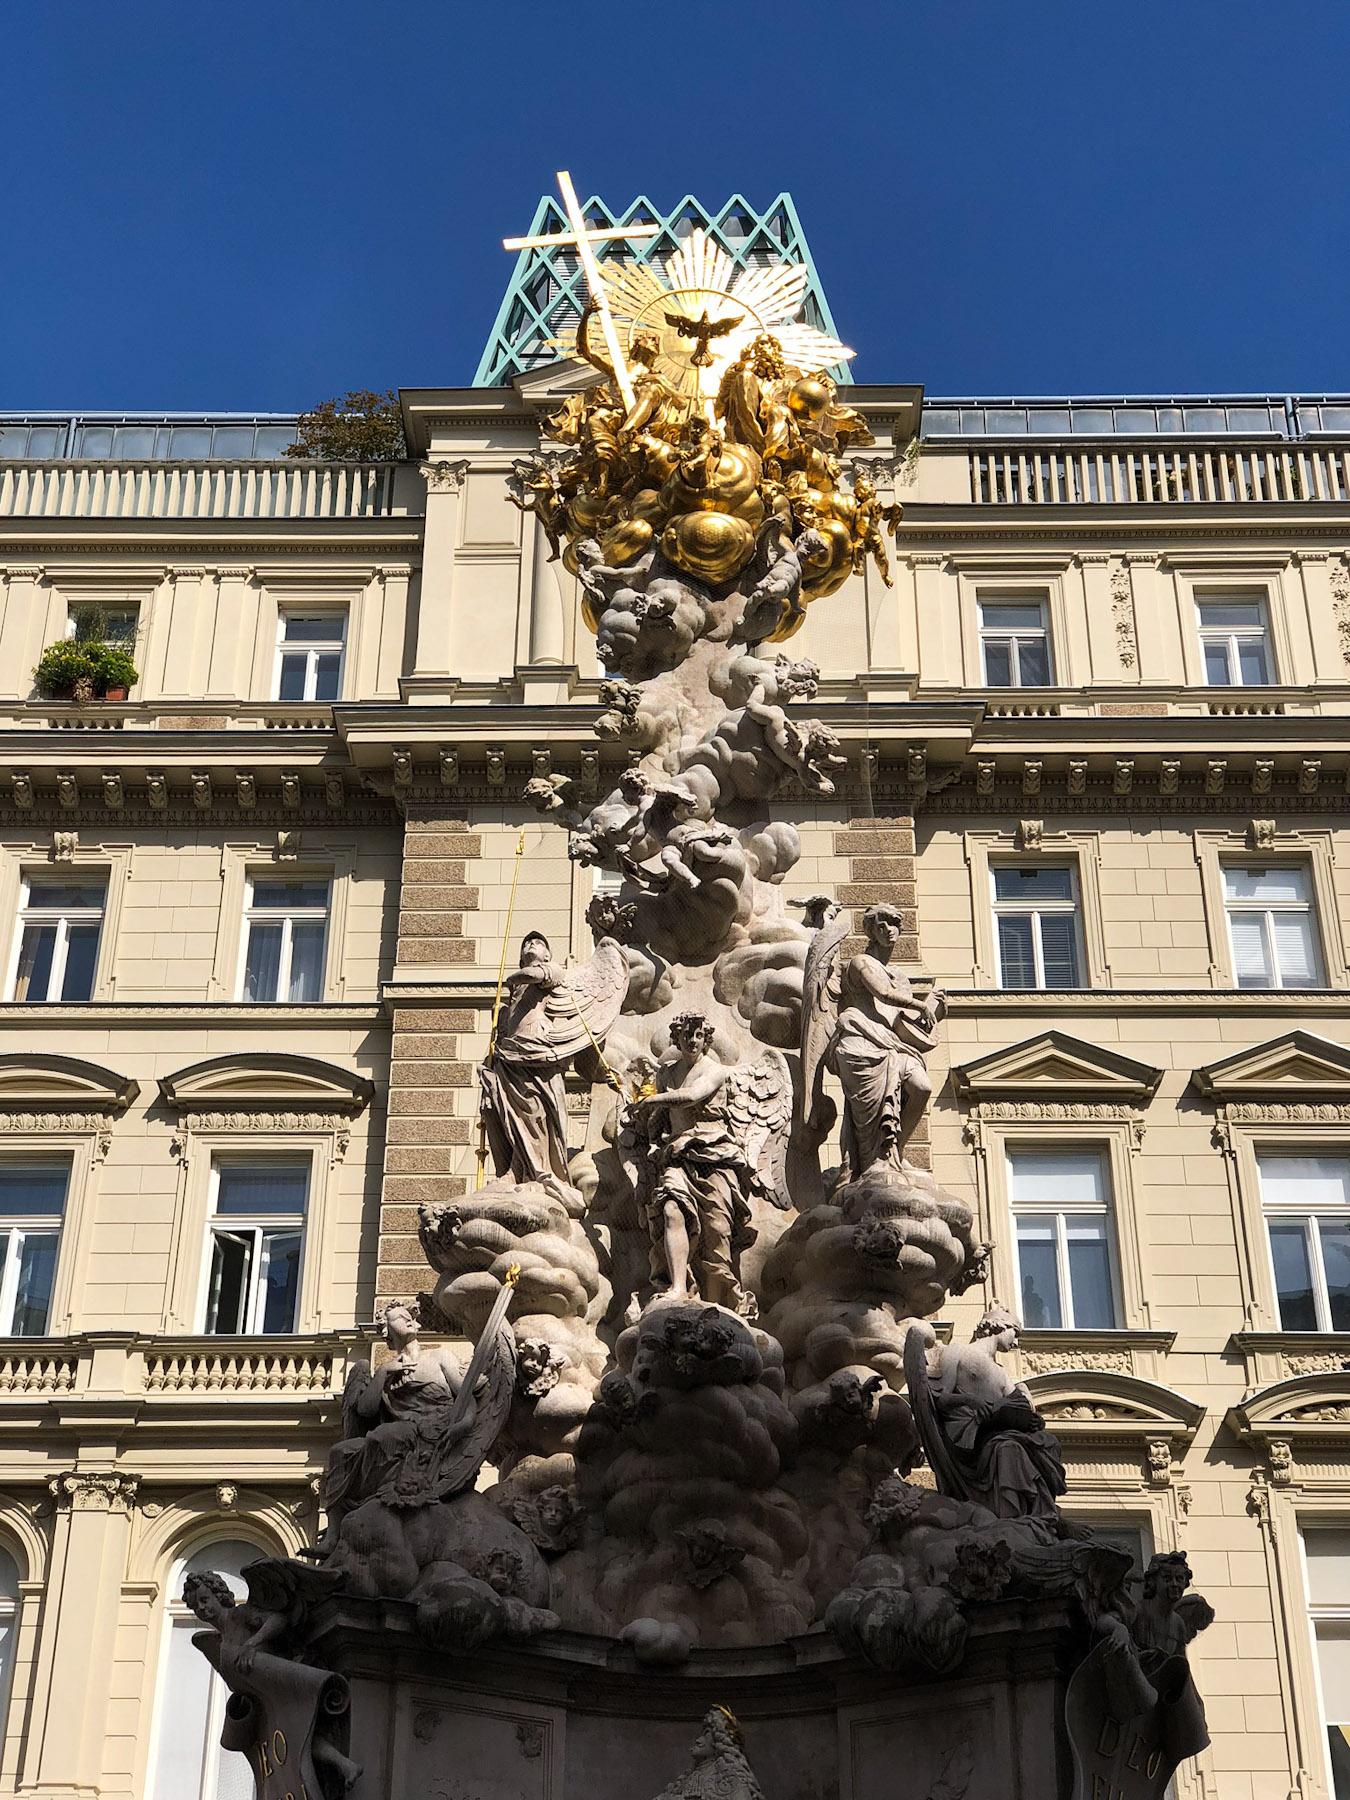 Wiener Pestsäule, Vienna, Austria